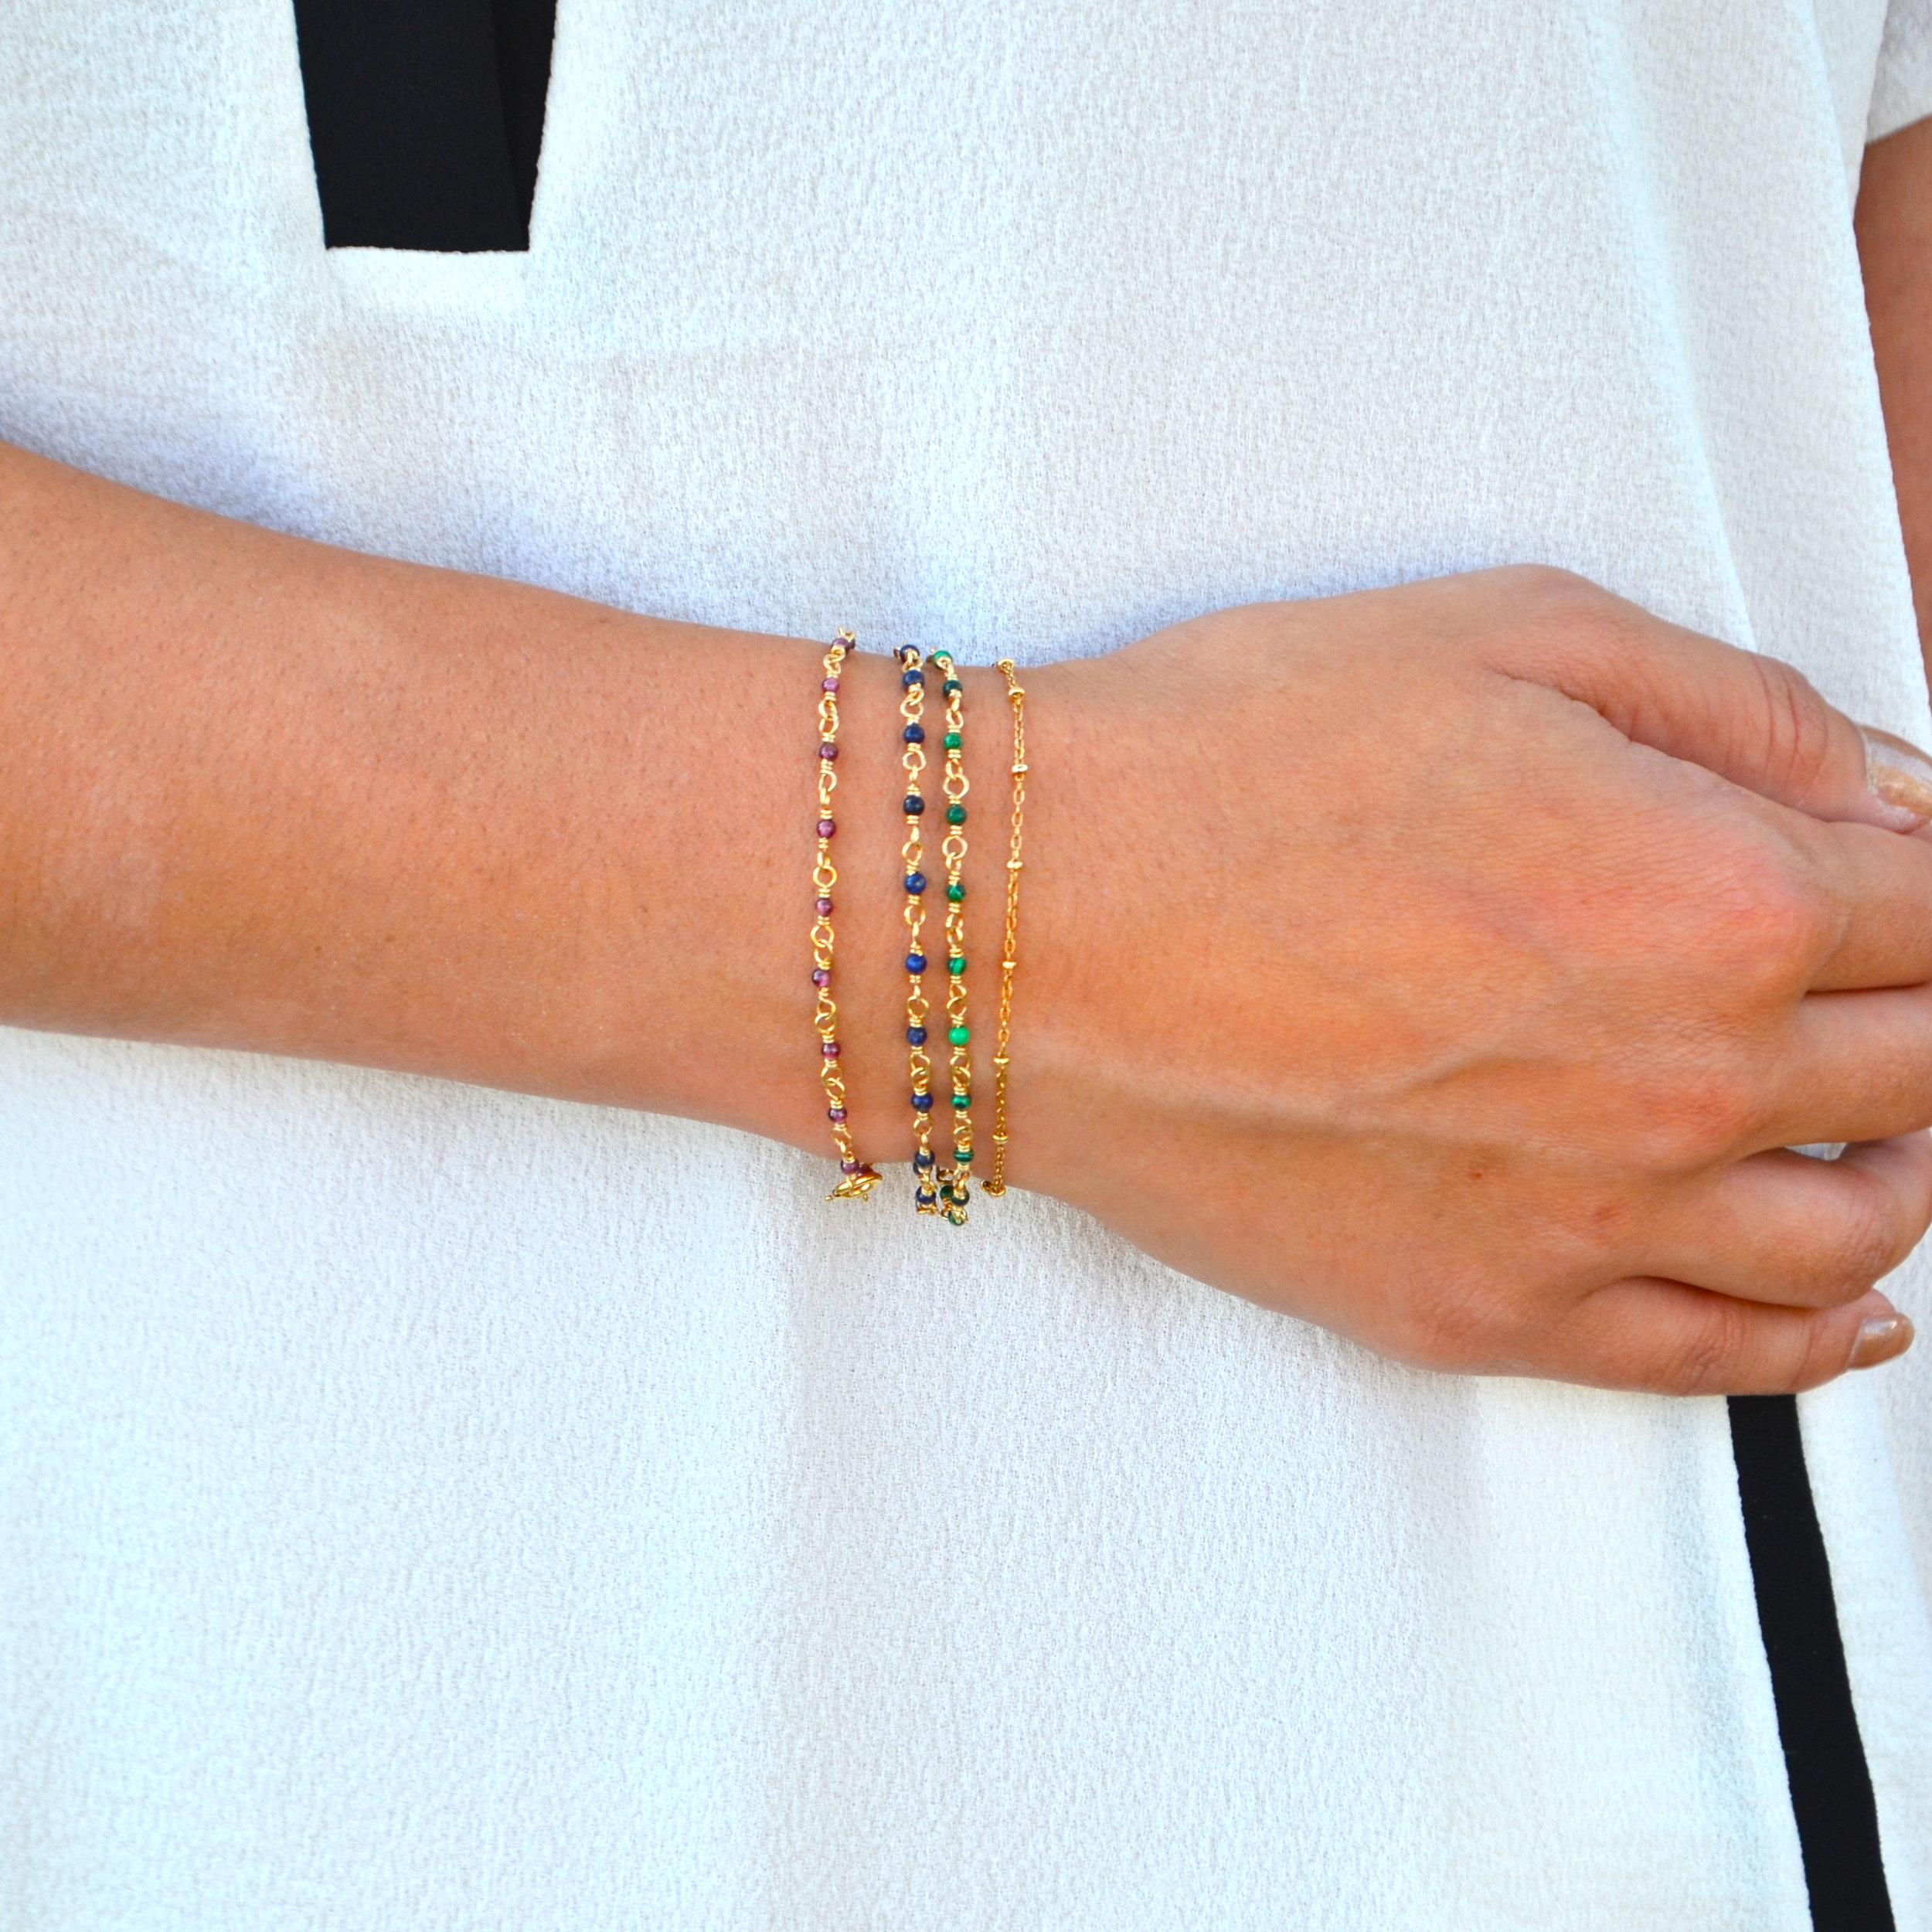 Fall bracelet trends.JPG